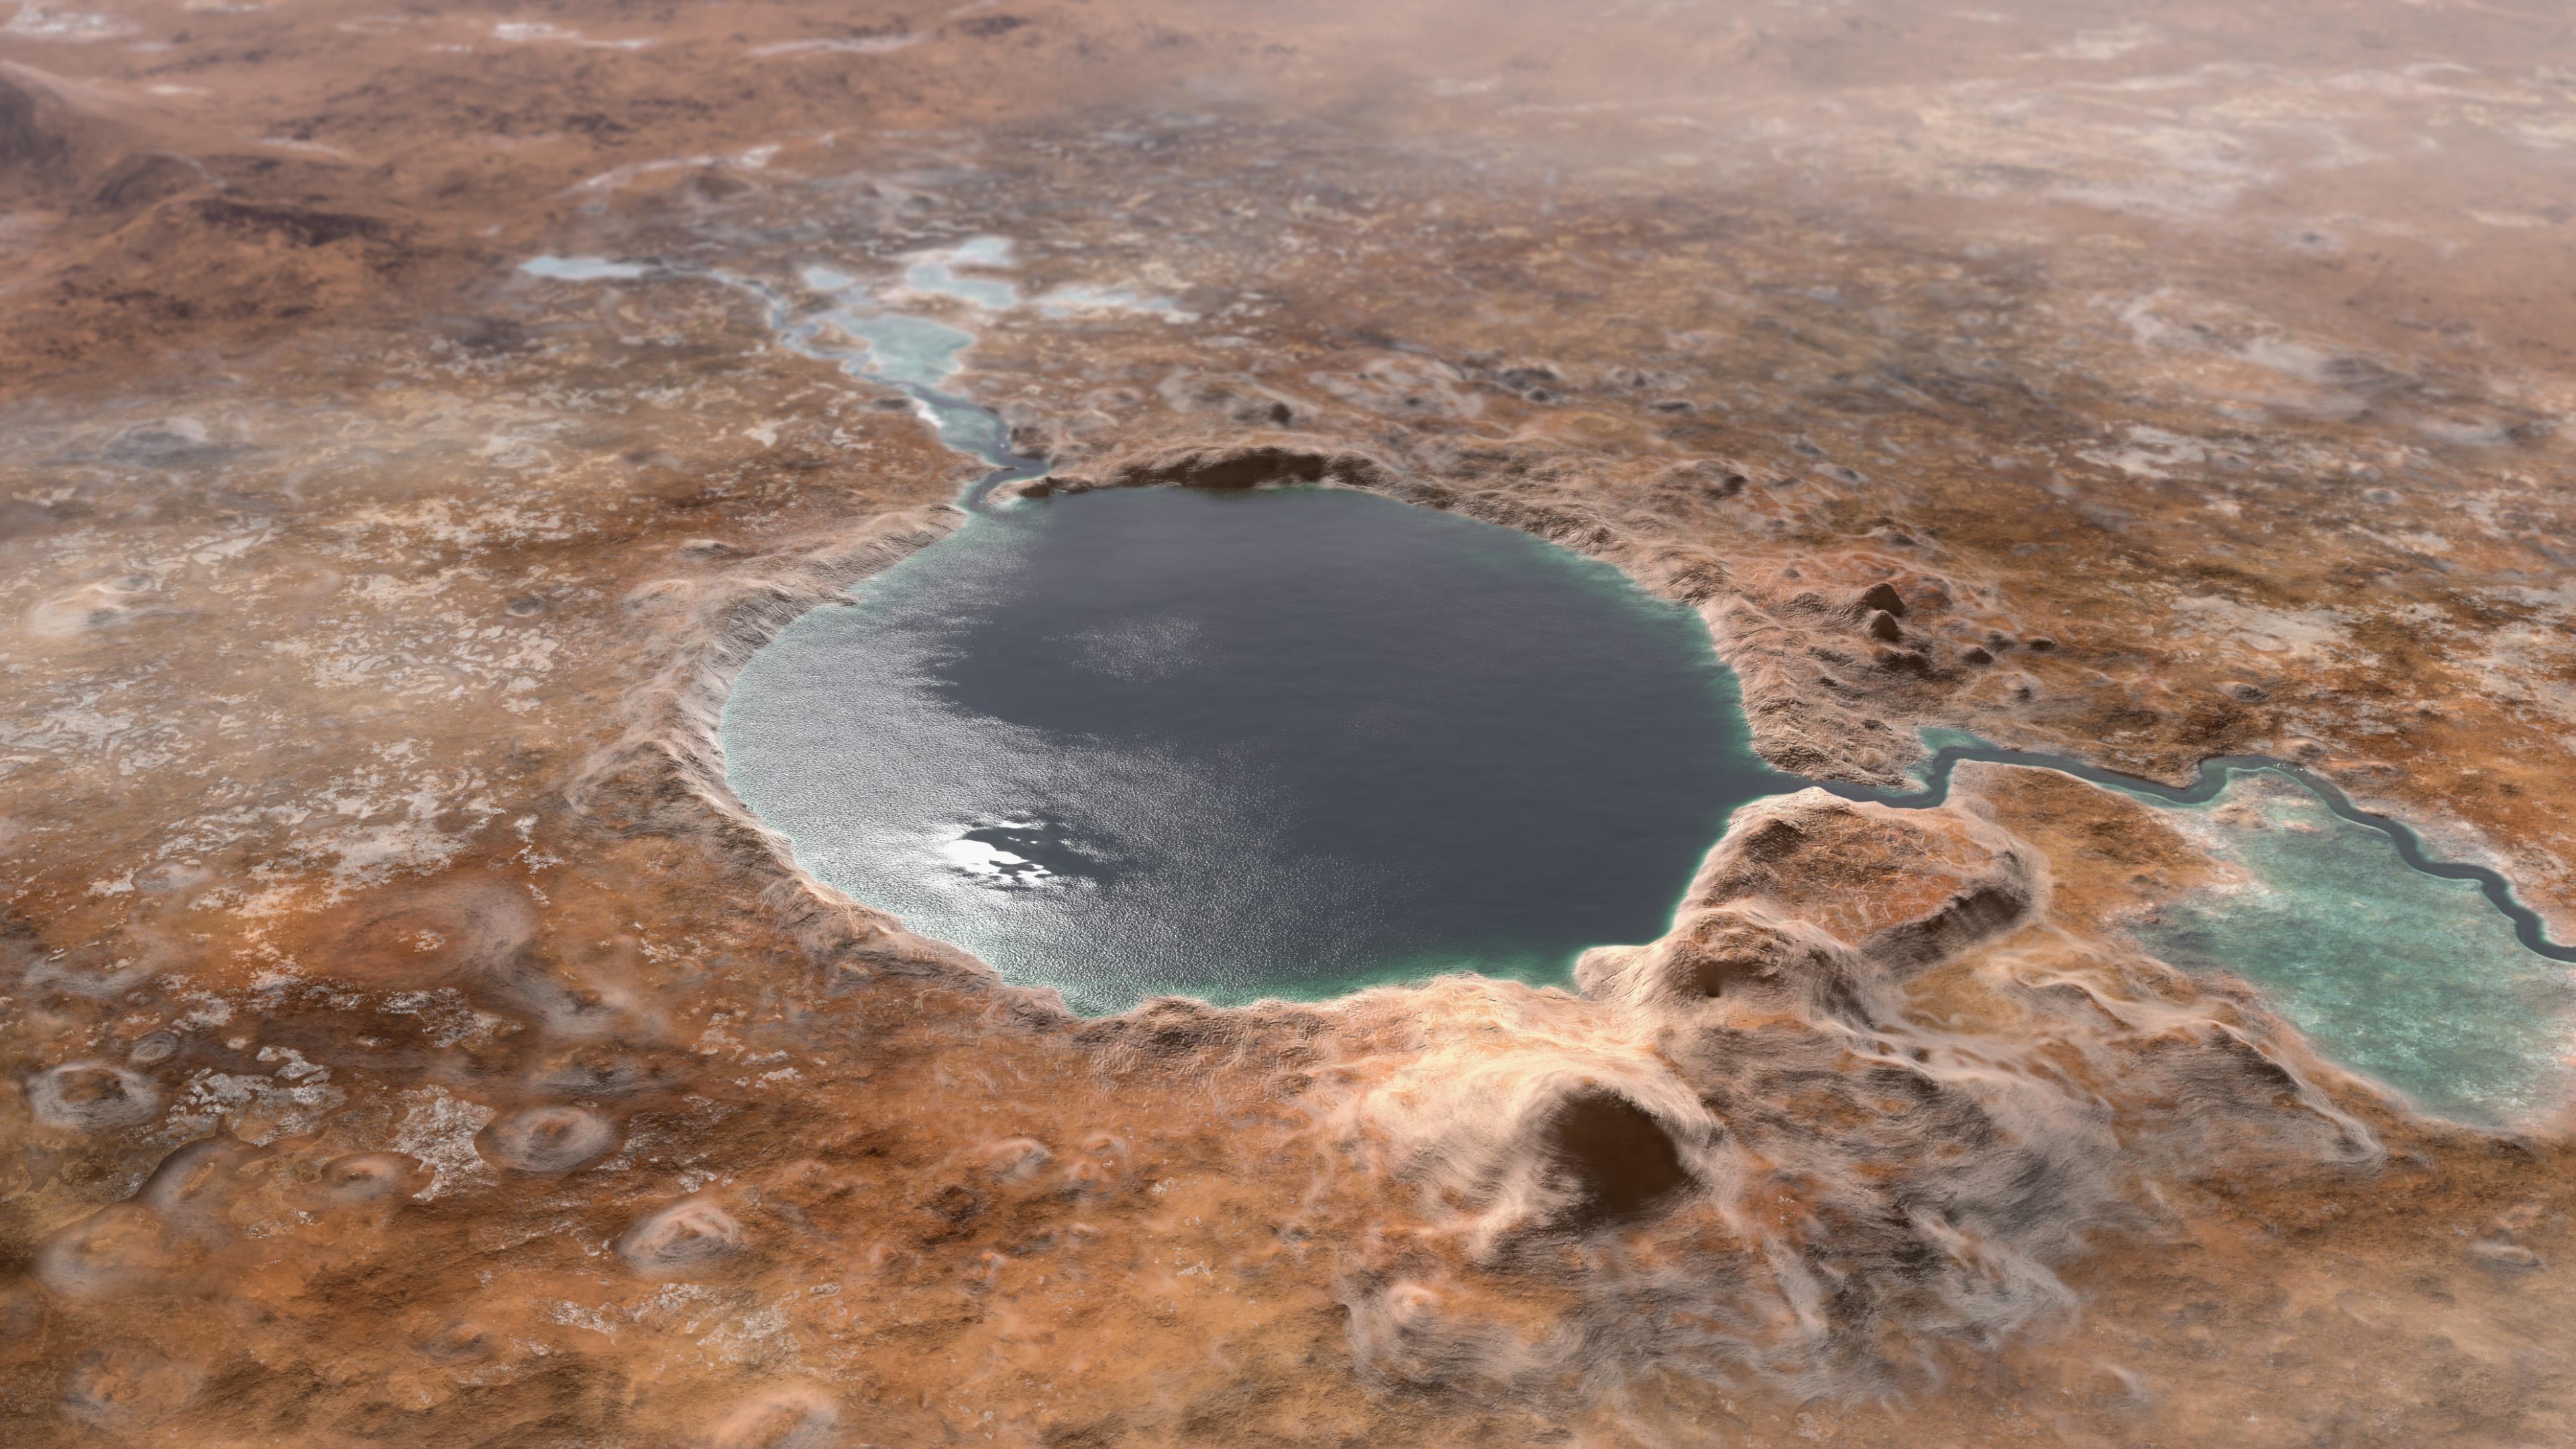 mission de retour d'échantillons de mars Jezero Crater